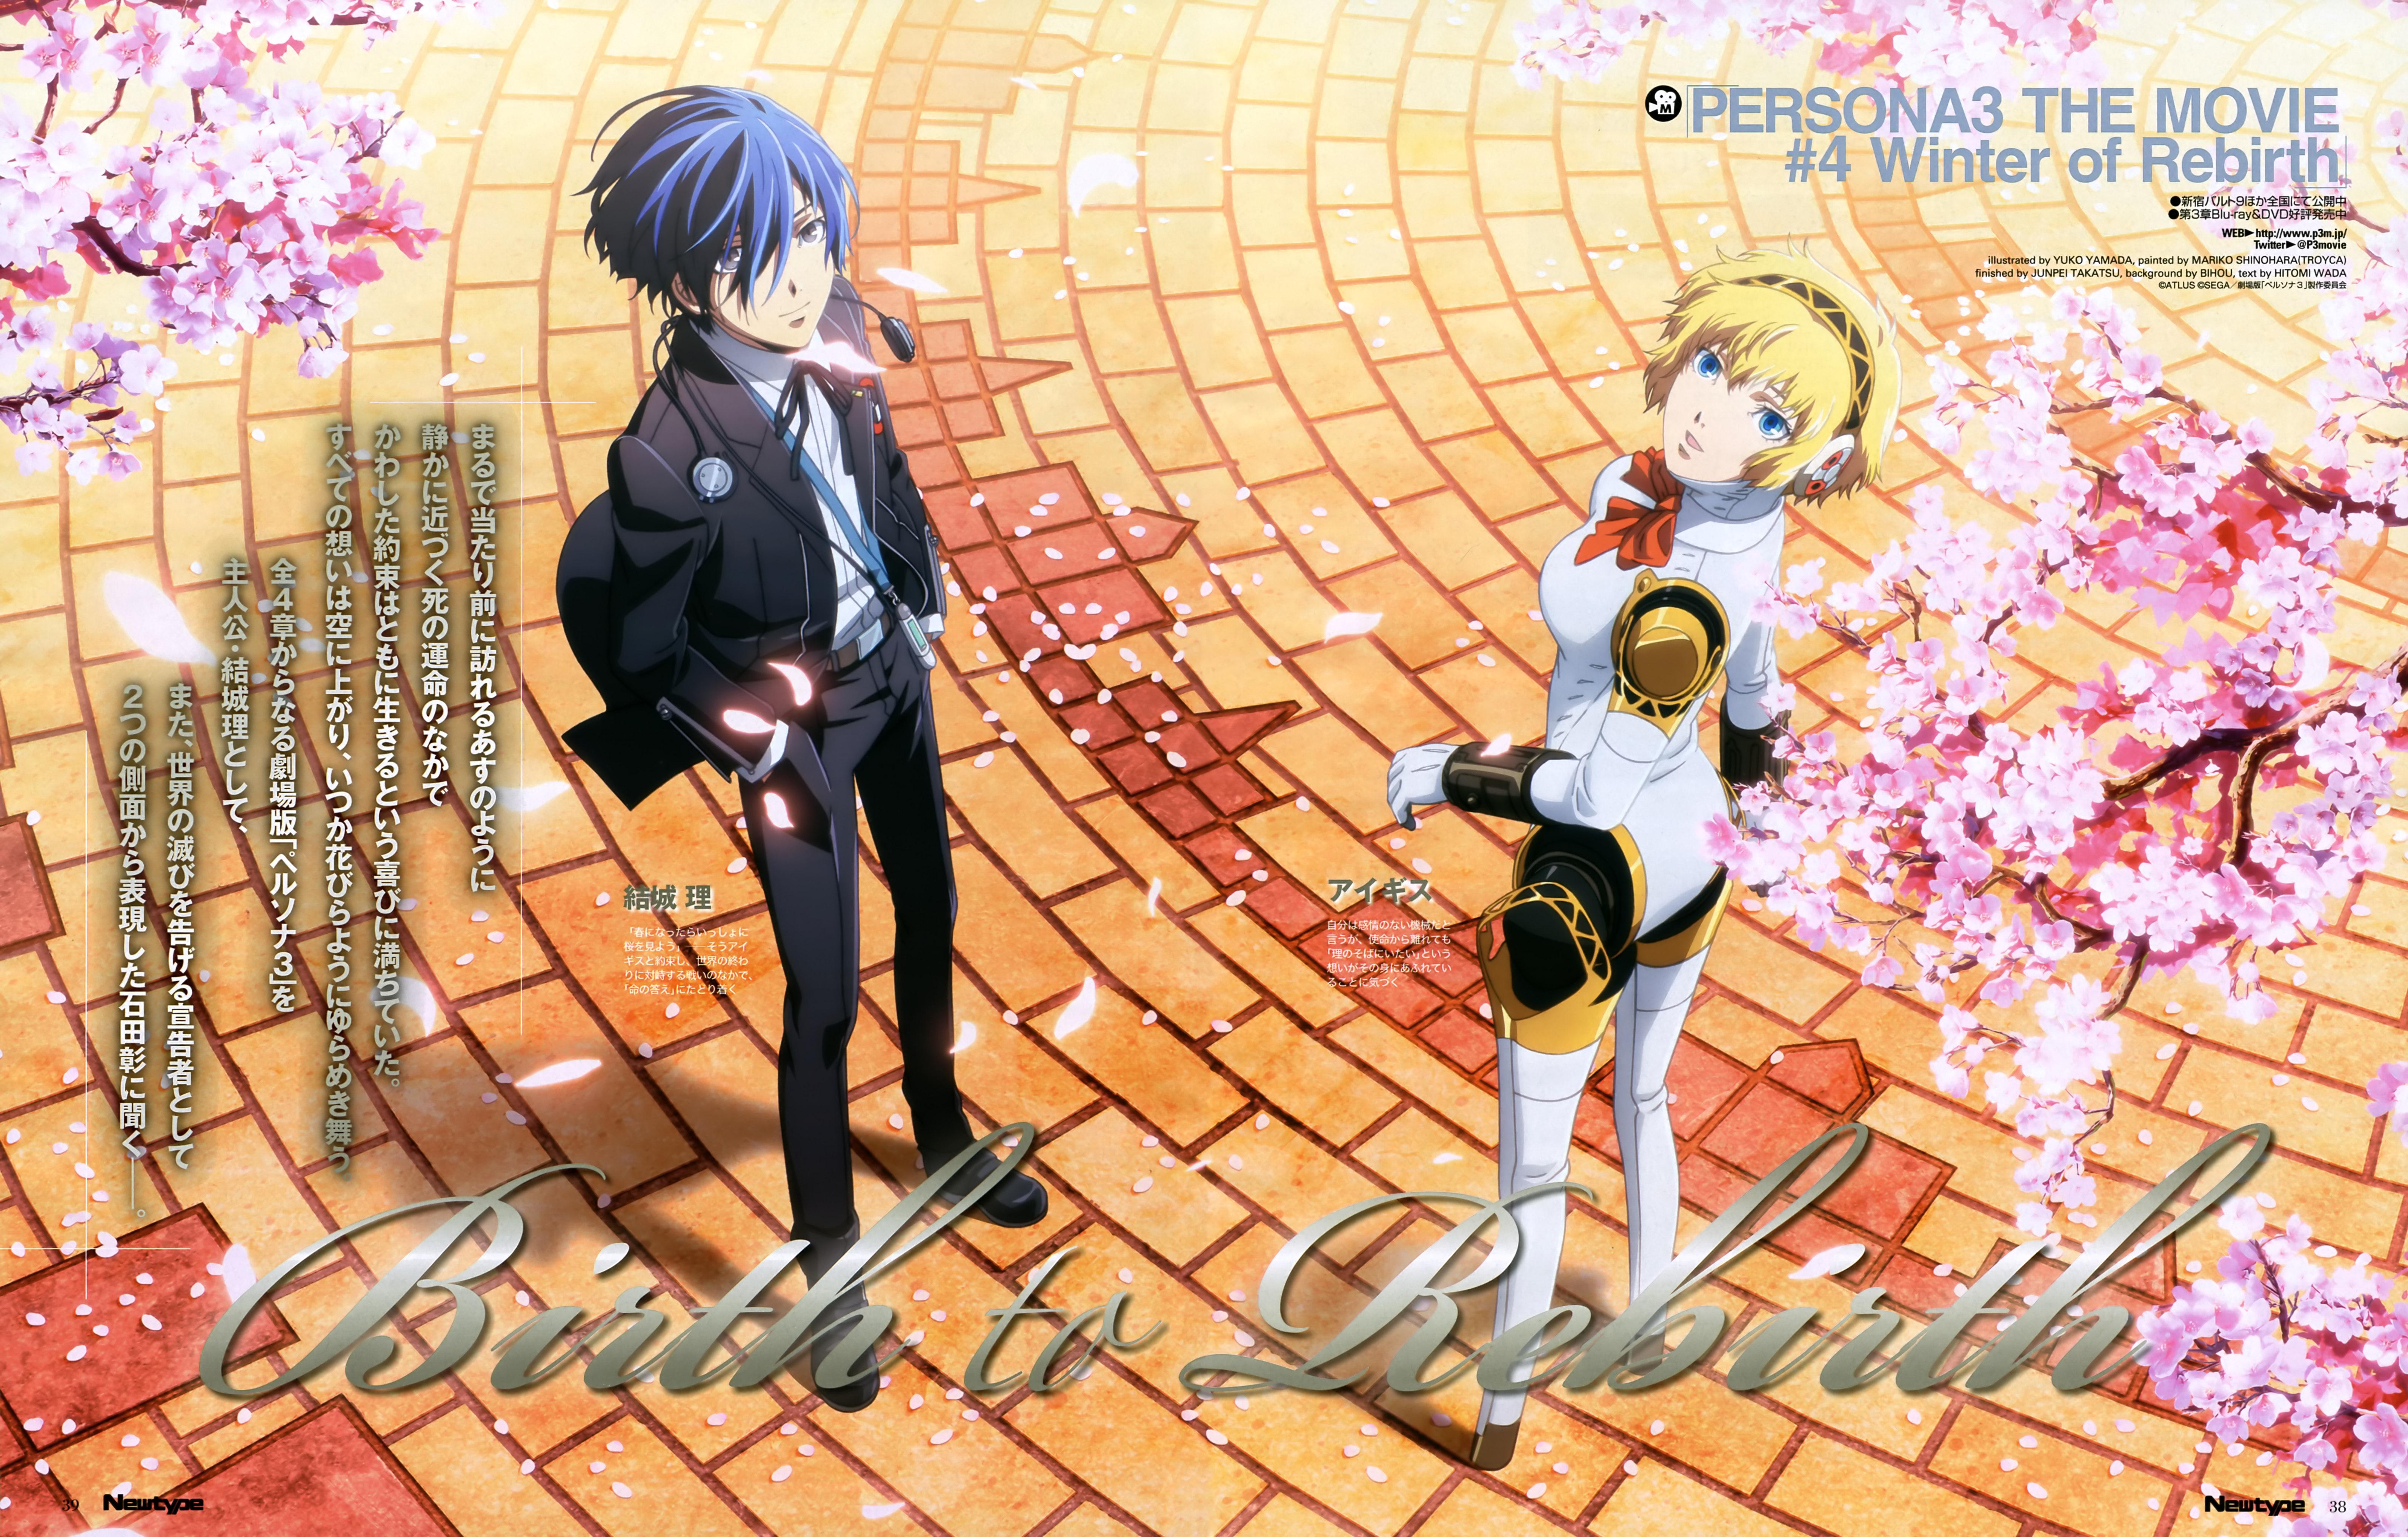 Persona 3 The Movie 4 Winter Of Rebirth